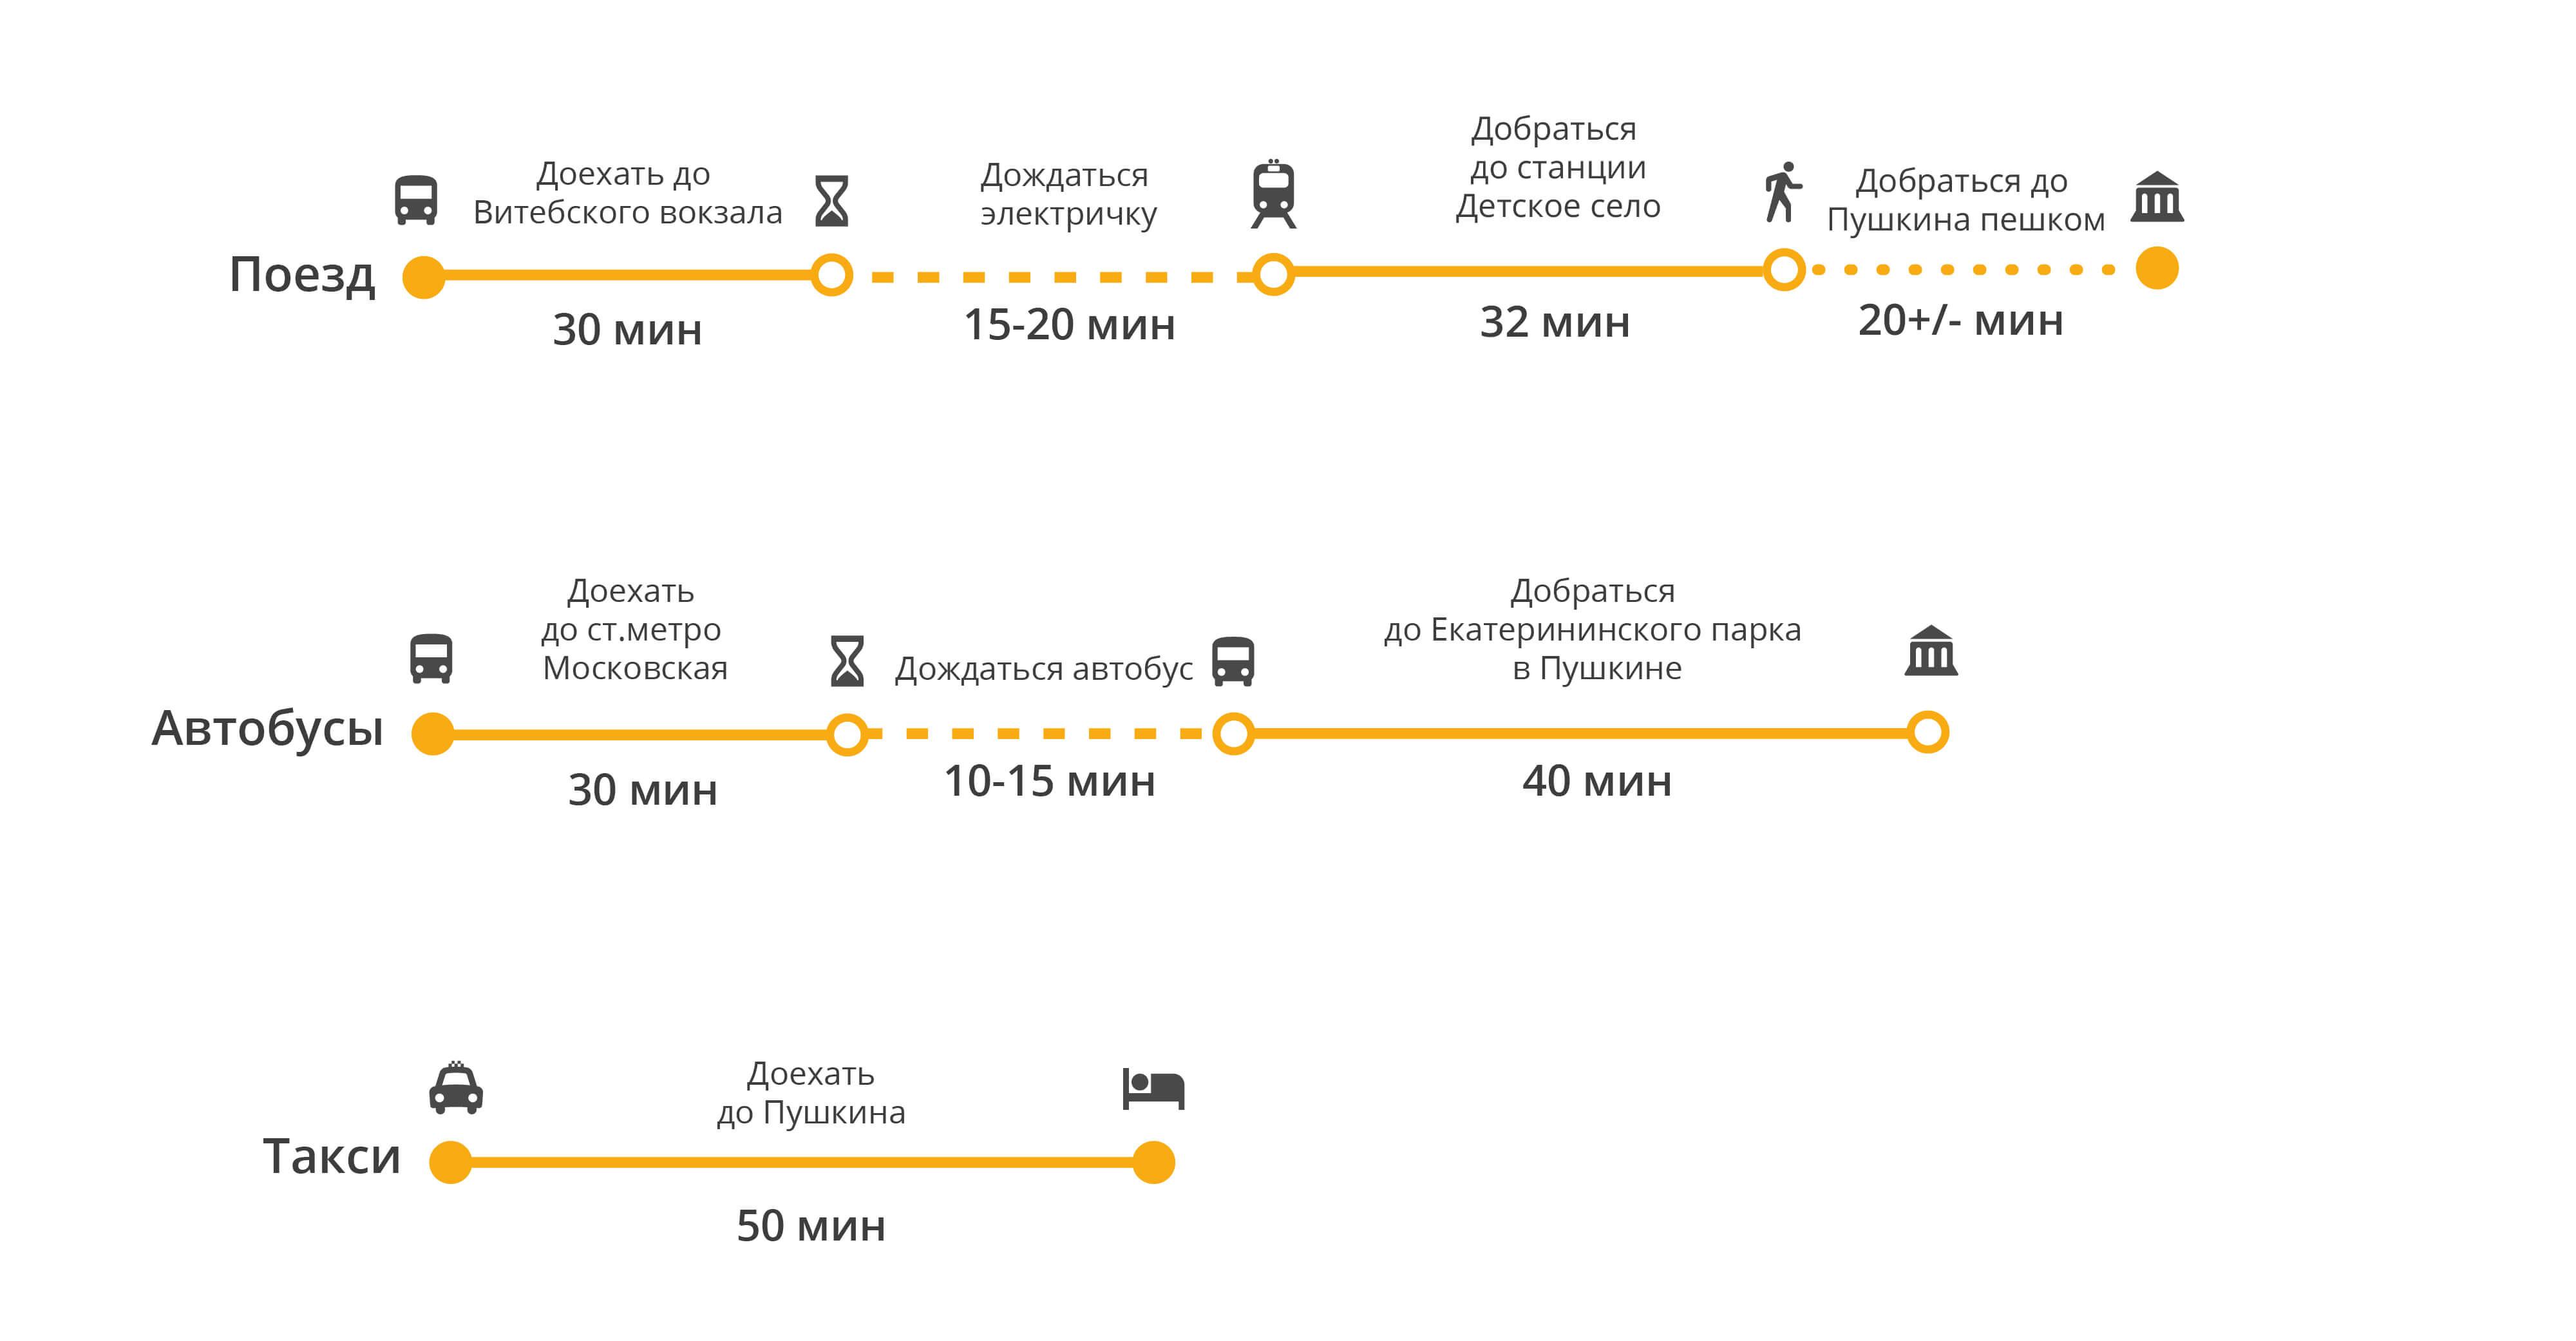 стоимость такси в санкт петербурге от московского вокзала первую очередь хотелось